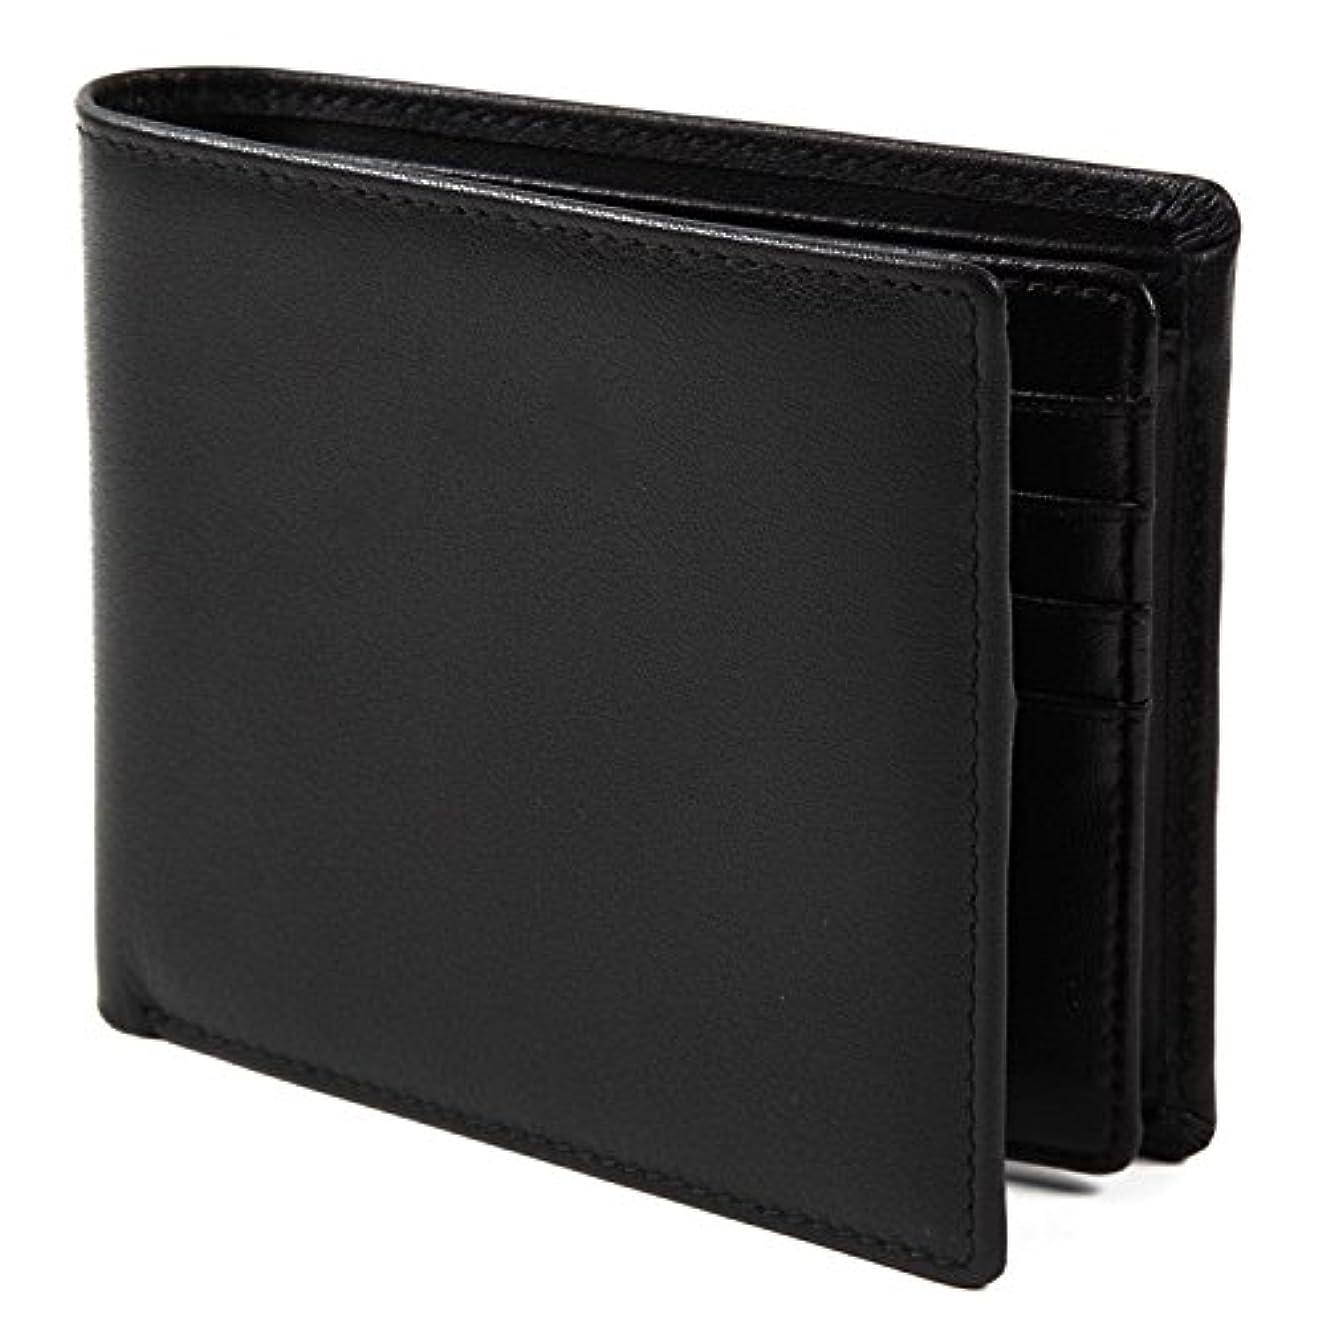 マウスブレンド常識【Avangly】二つ折り 財布 本革 大容量 メンズ ボックス型小銭入れ 隠しポケット付き 二つ折り財布